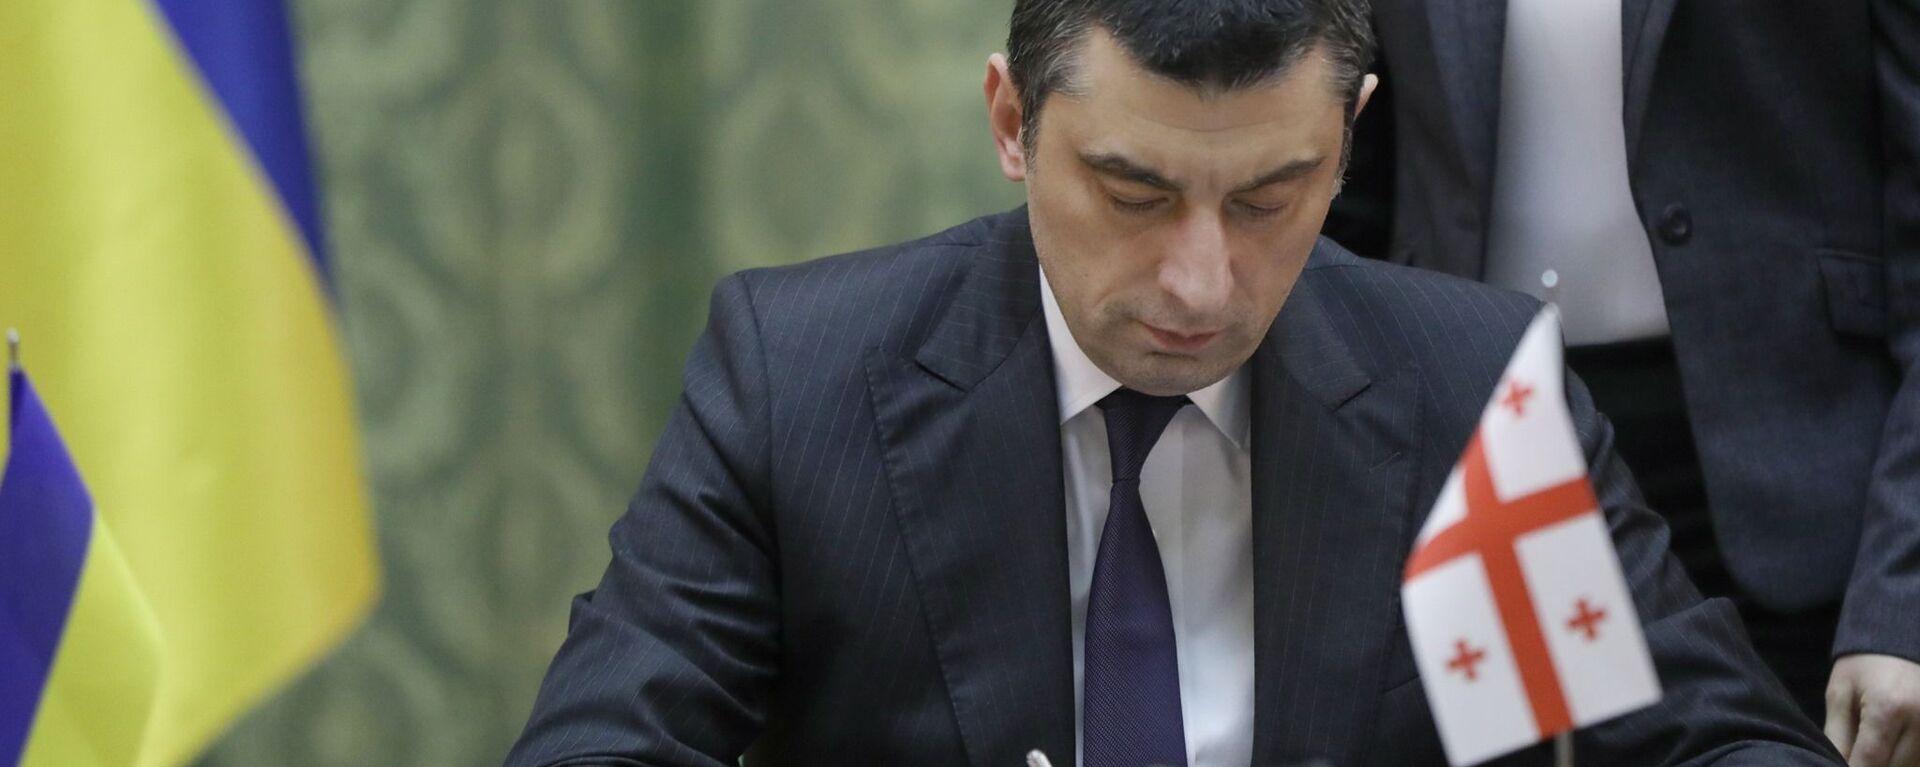 Премьер Грузии Георгий Гахария на Украине - Sputnik Грузия, 1920, 13.12.2019